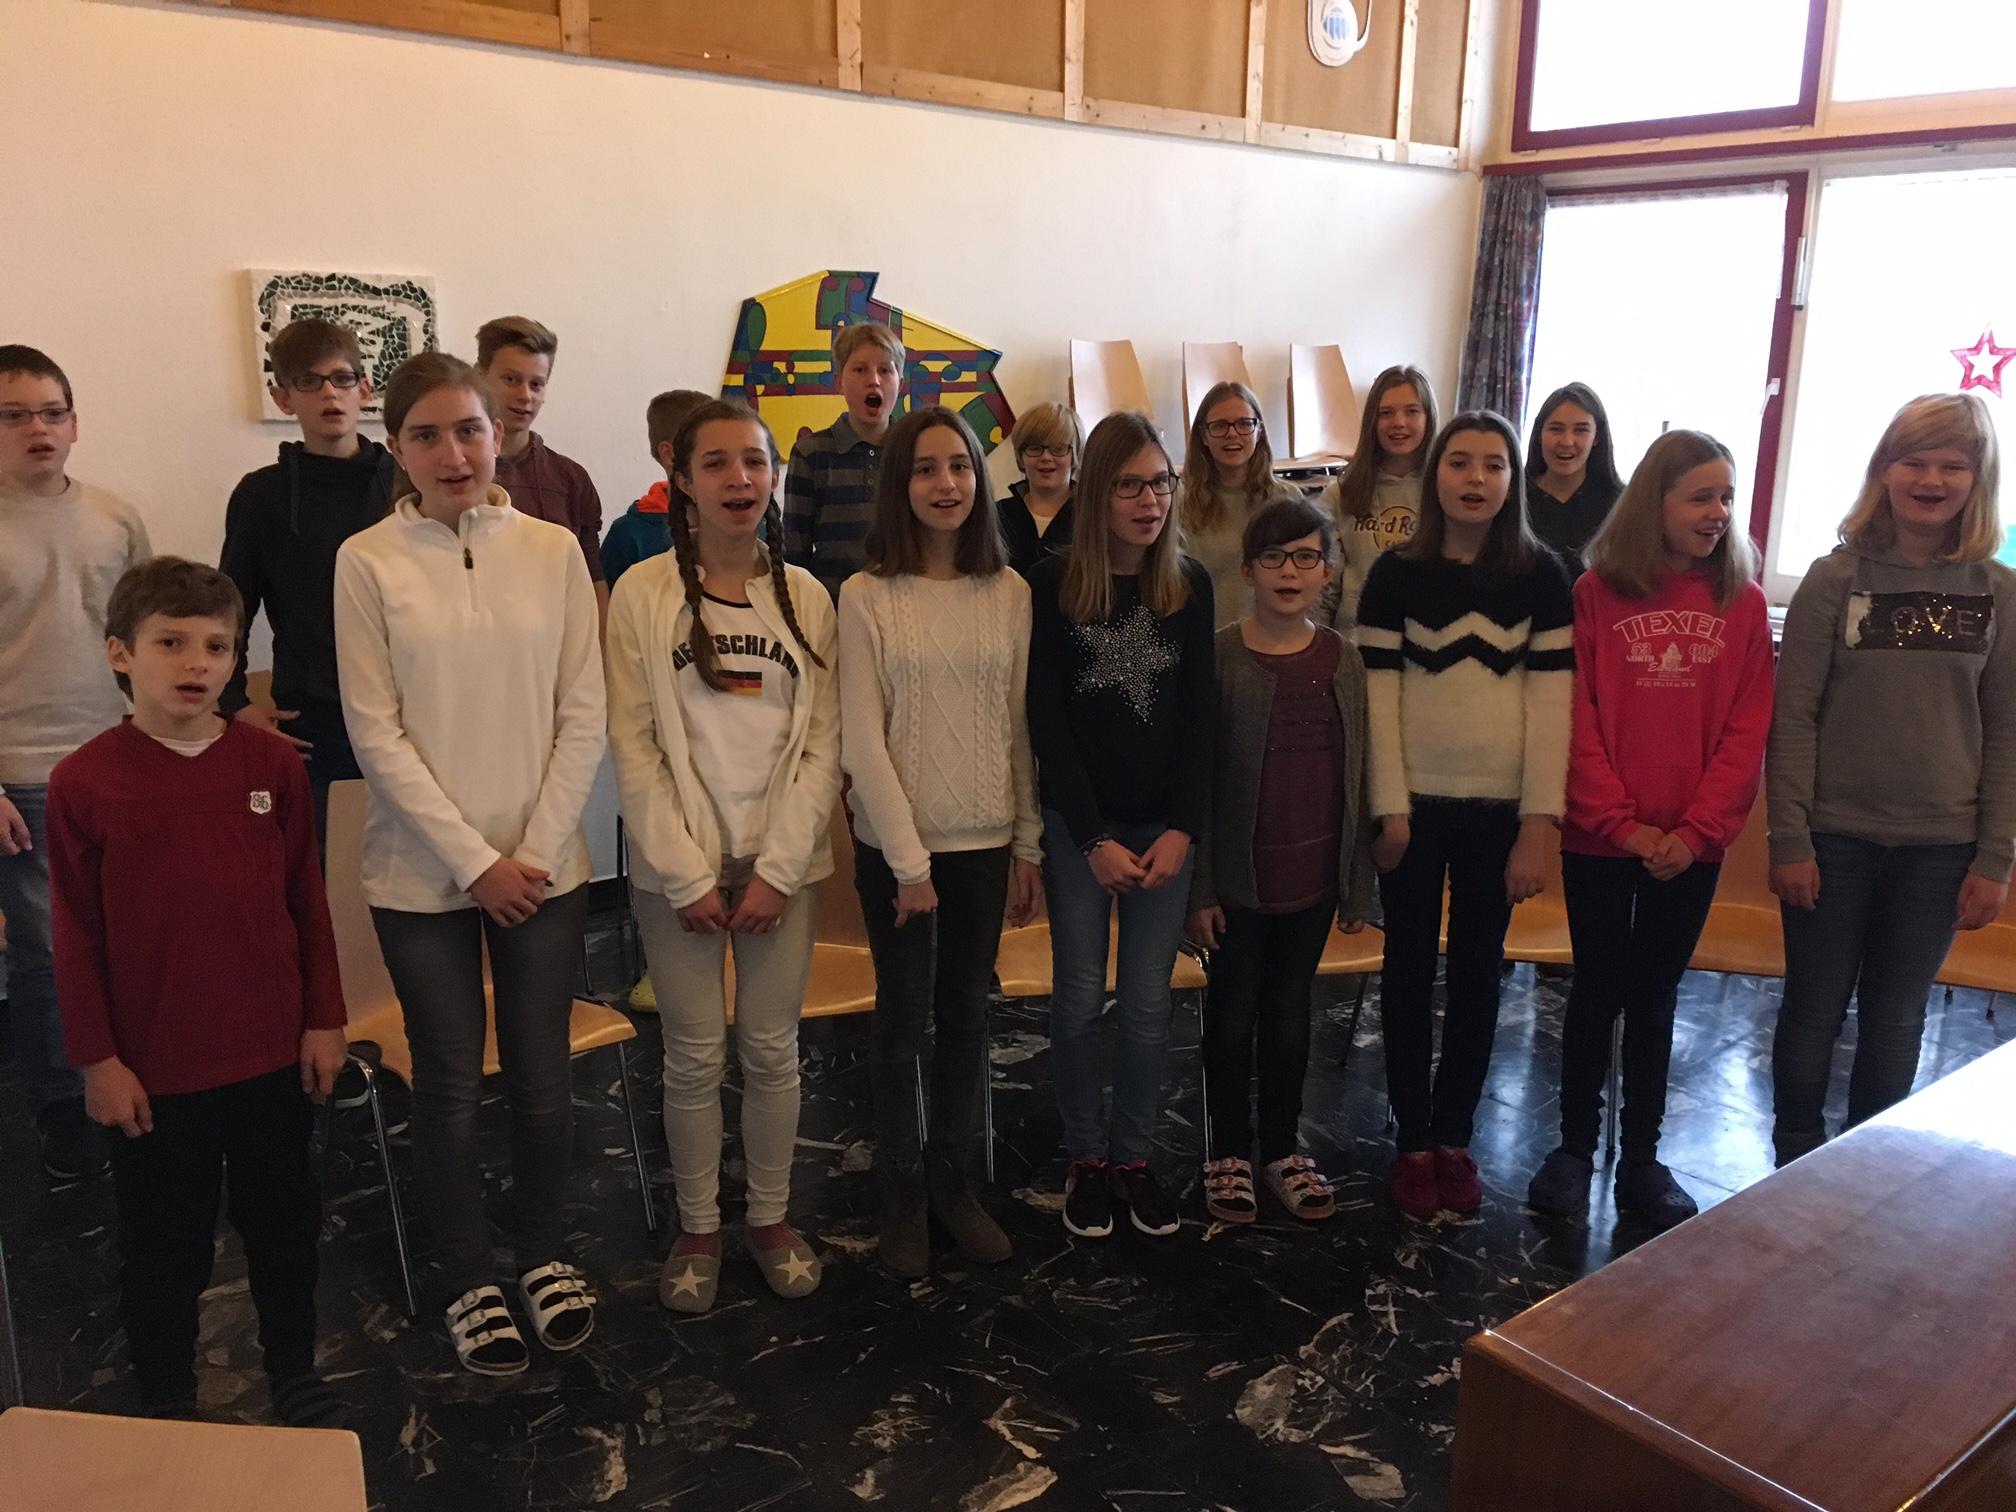 Musikunterricht Lebt Gymnasium St Michael Ahlen